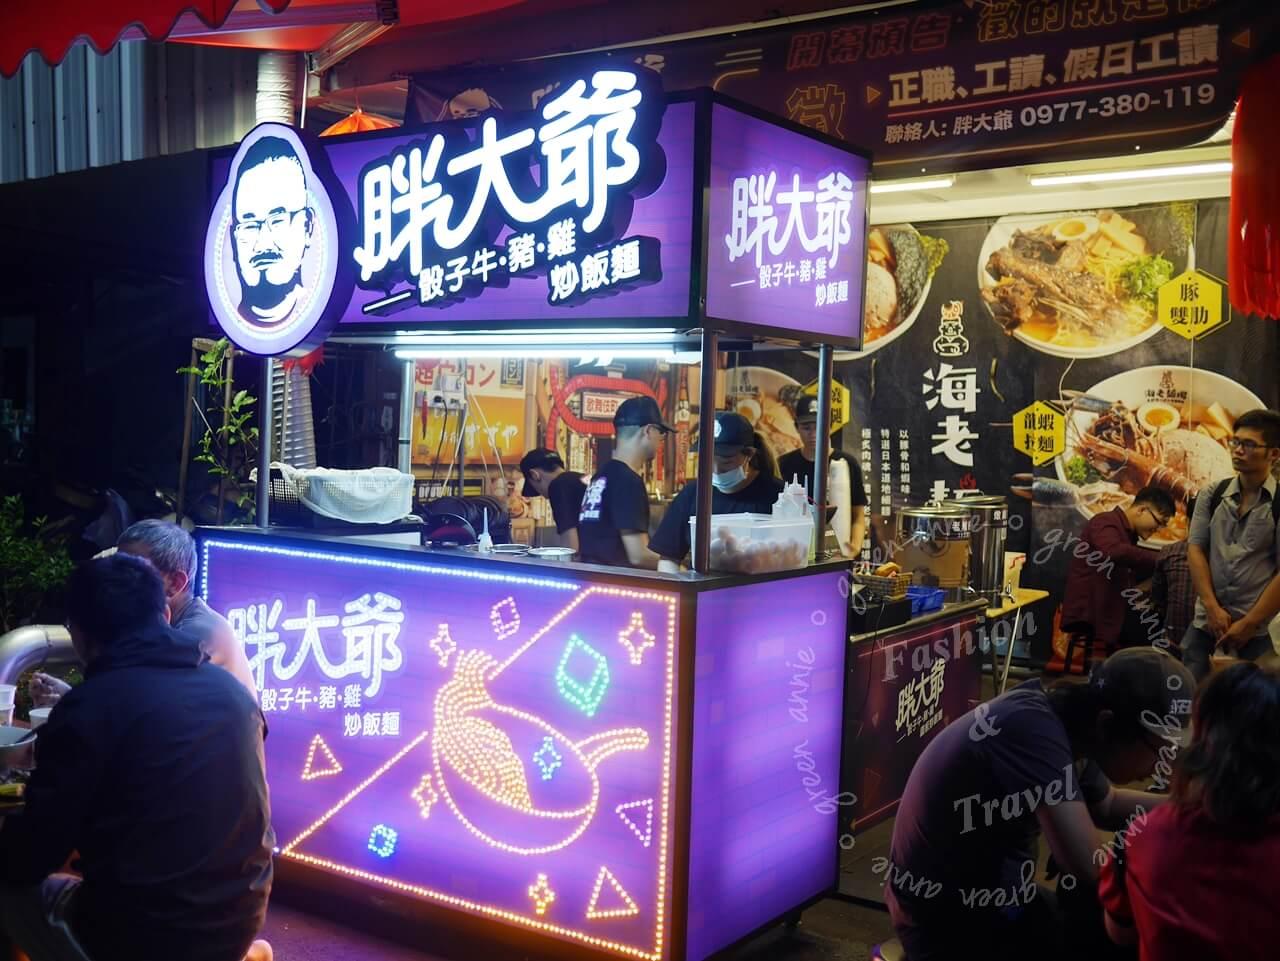 胖大爺骰子牛x炒飯麵,創意鐵板料理口味多樣,再加15元老賴紅茶無限暢飲-台中北區(已歇業)